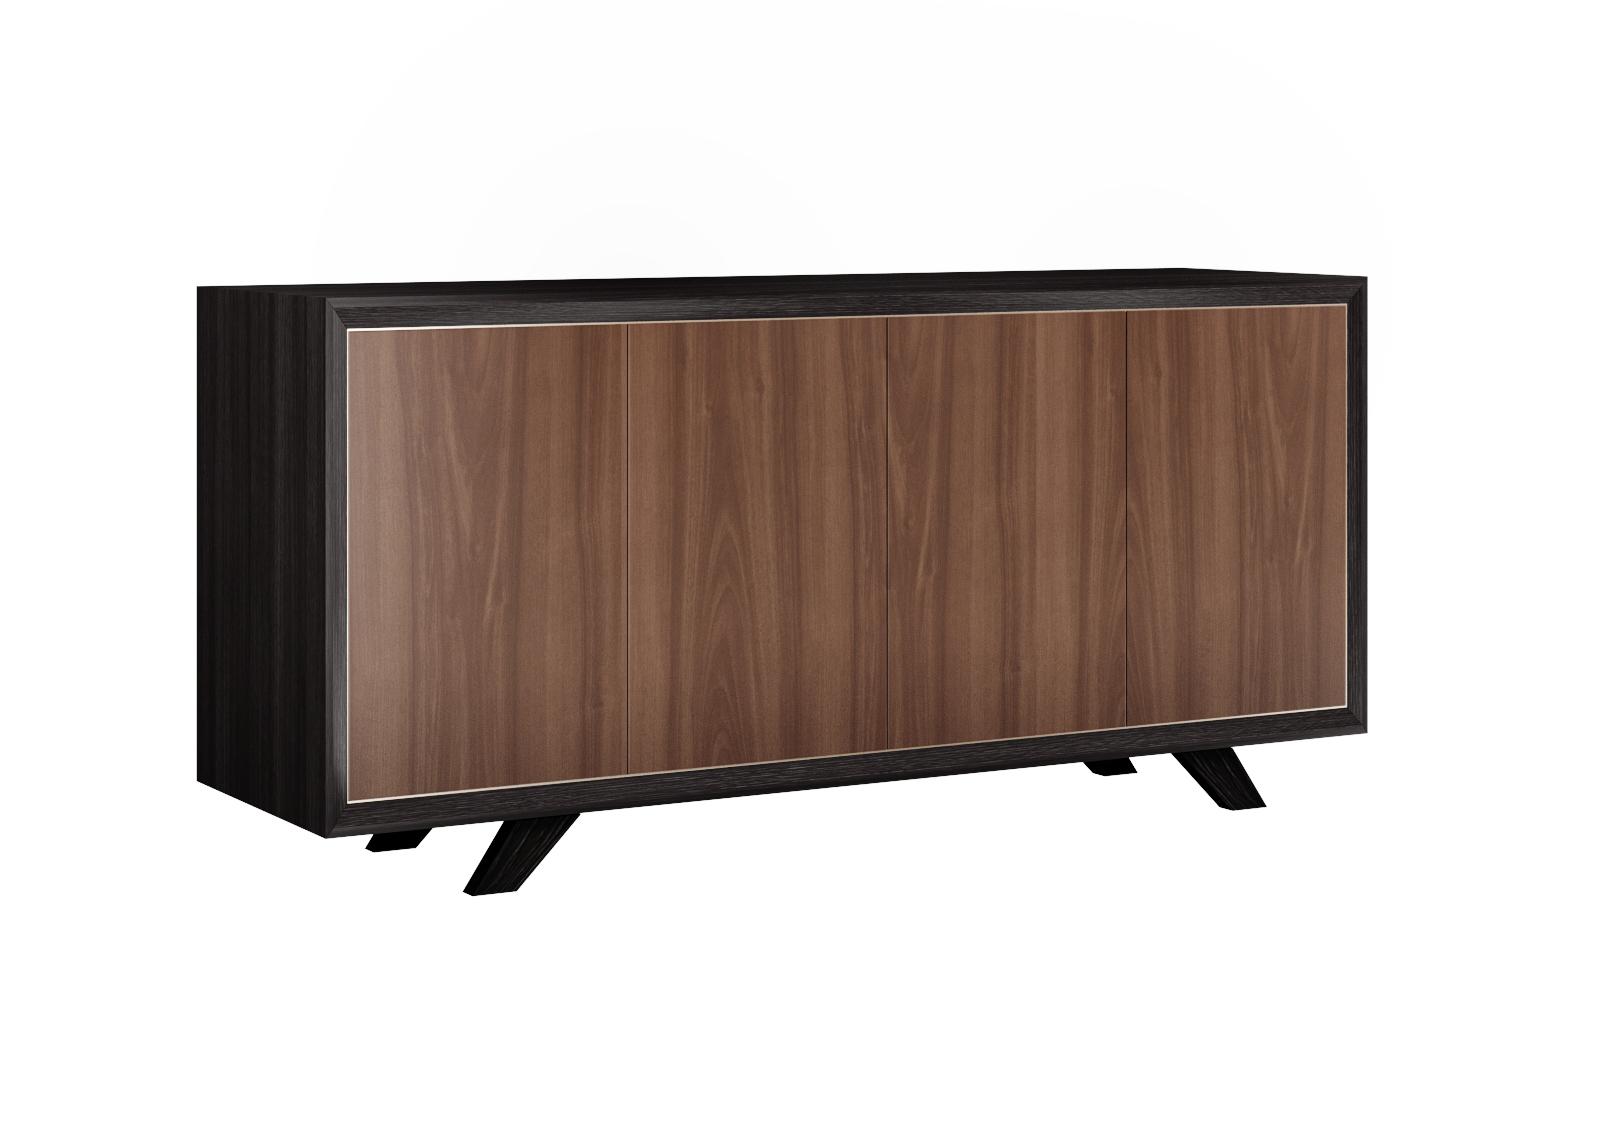 Комод desmond (metner) коричневый 185x50x85 см.